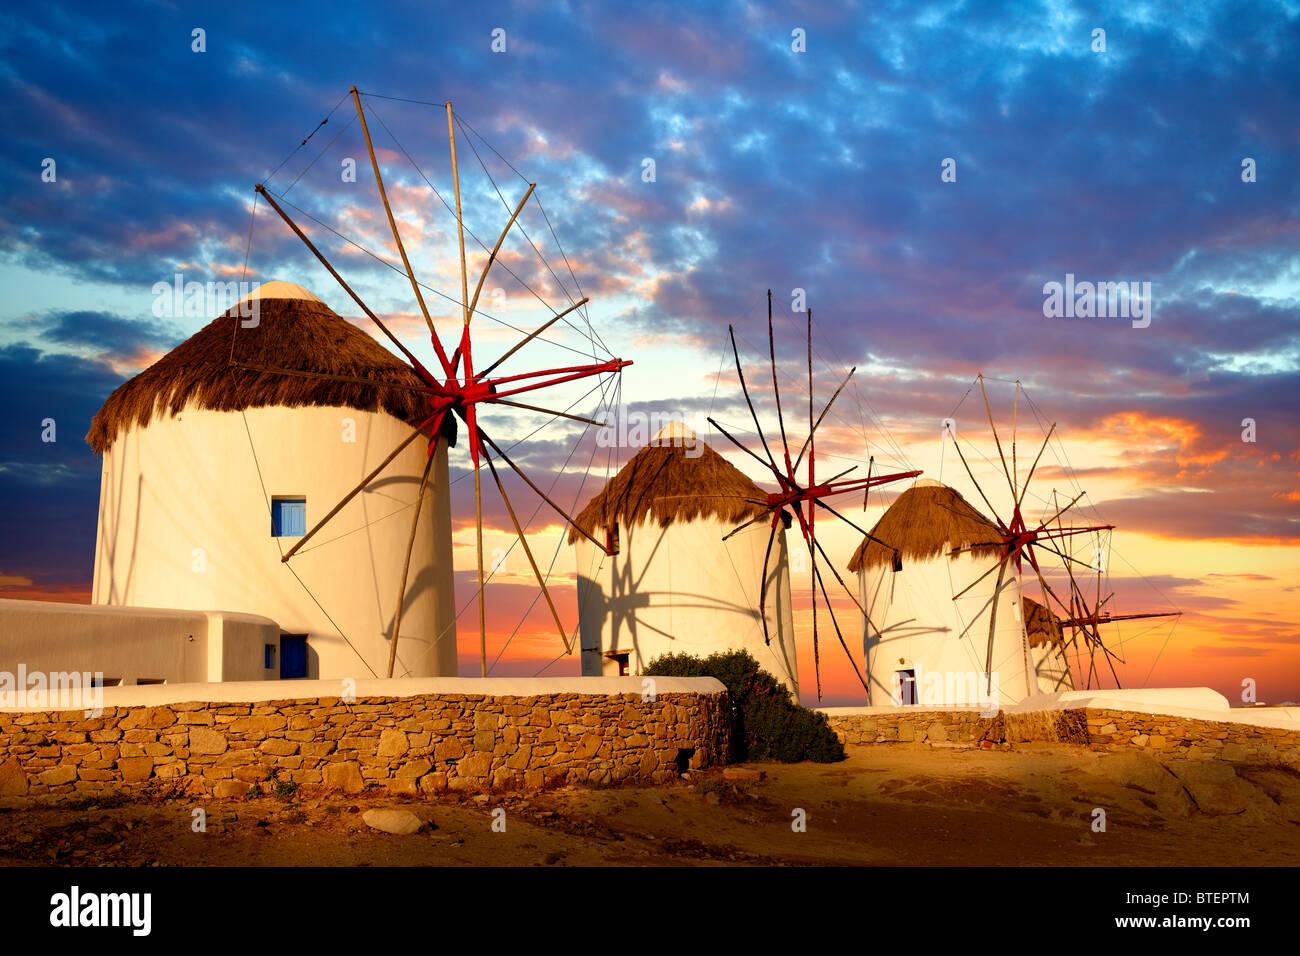 Puesta de sol sobre la tradicional griego molinos de viento de Mykonos Chora. Las Islas Cícladas, Grecia Imagen De Stock